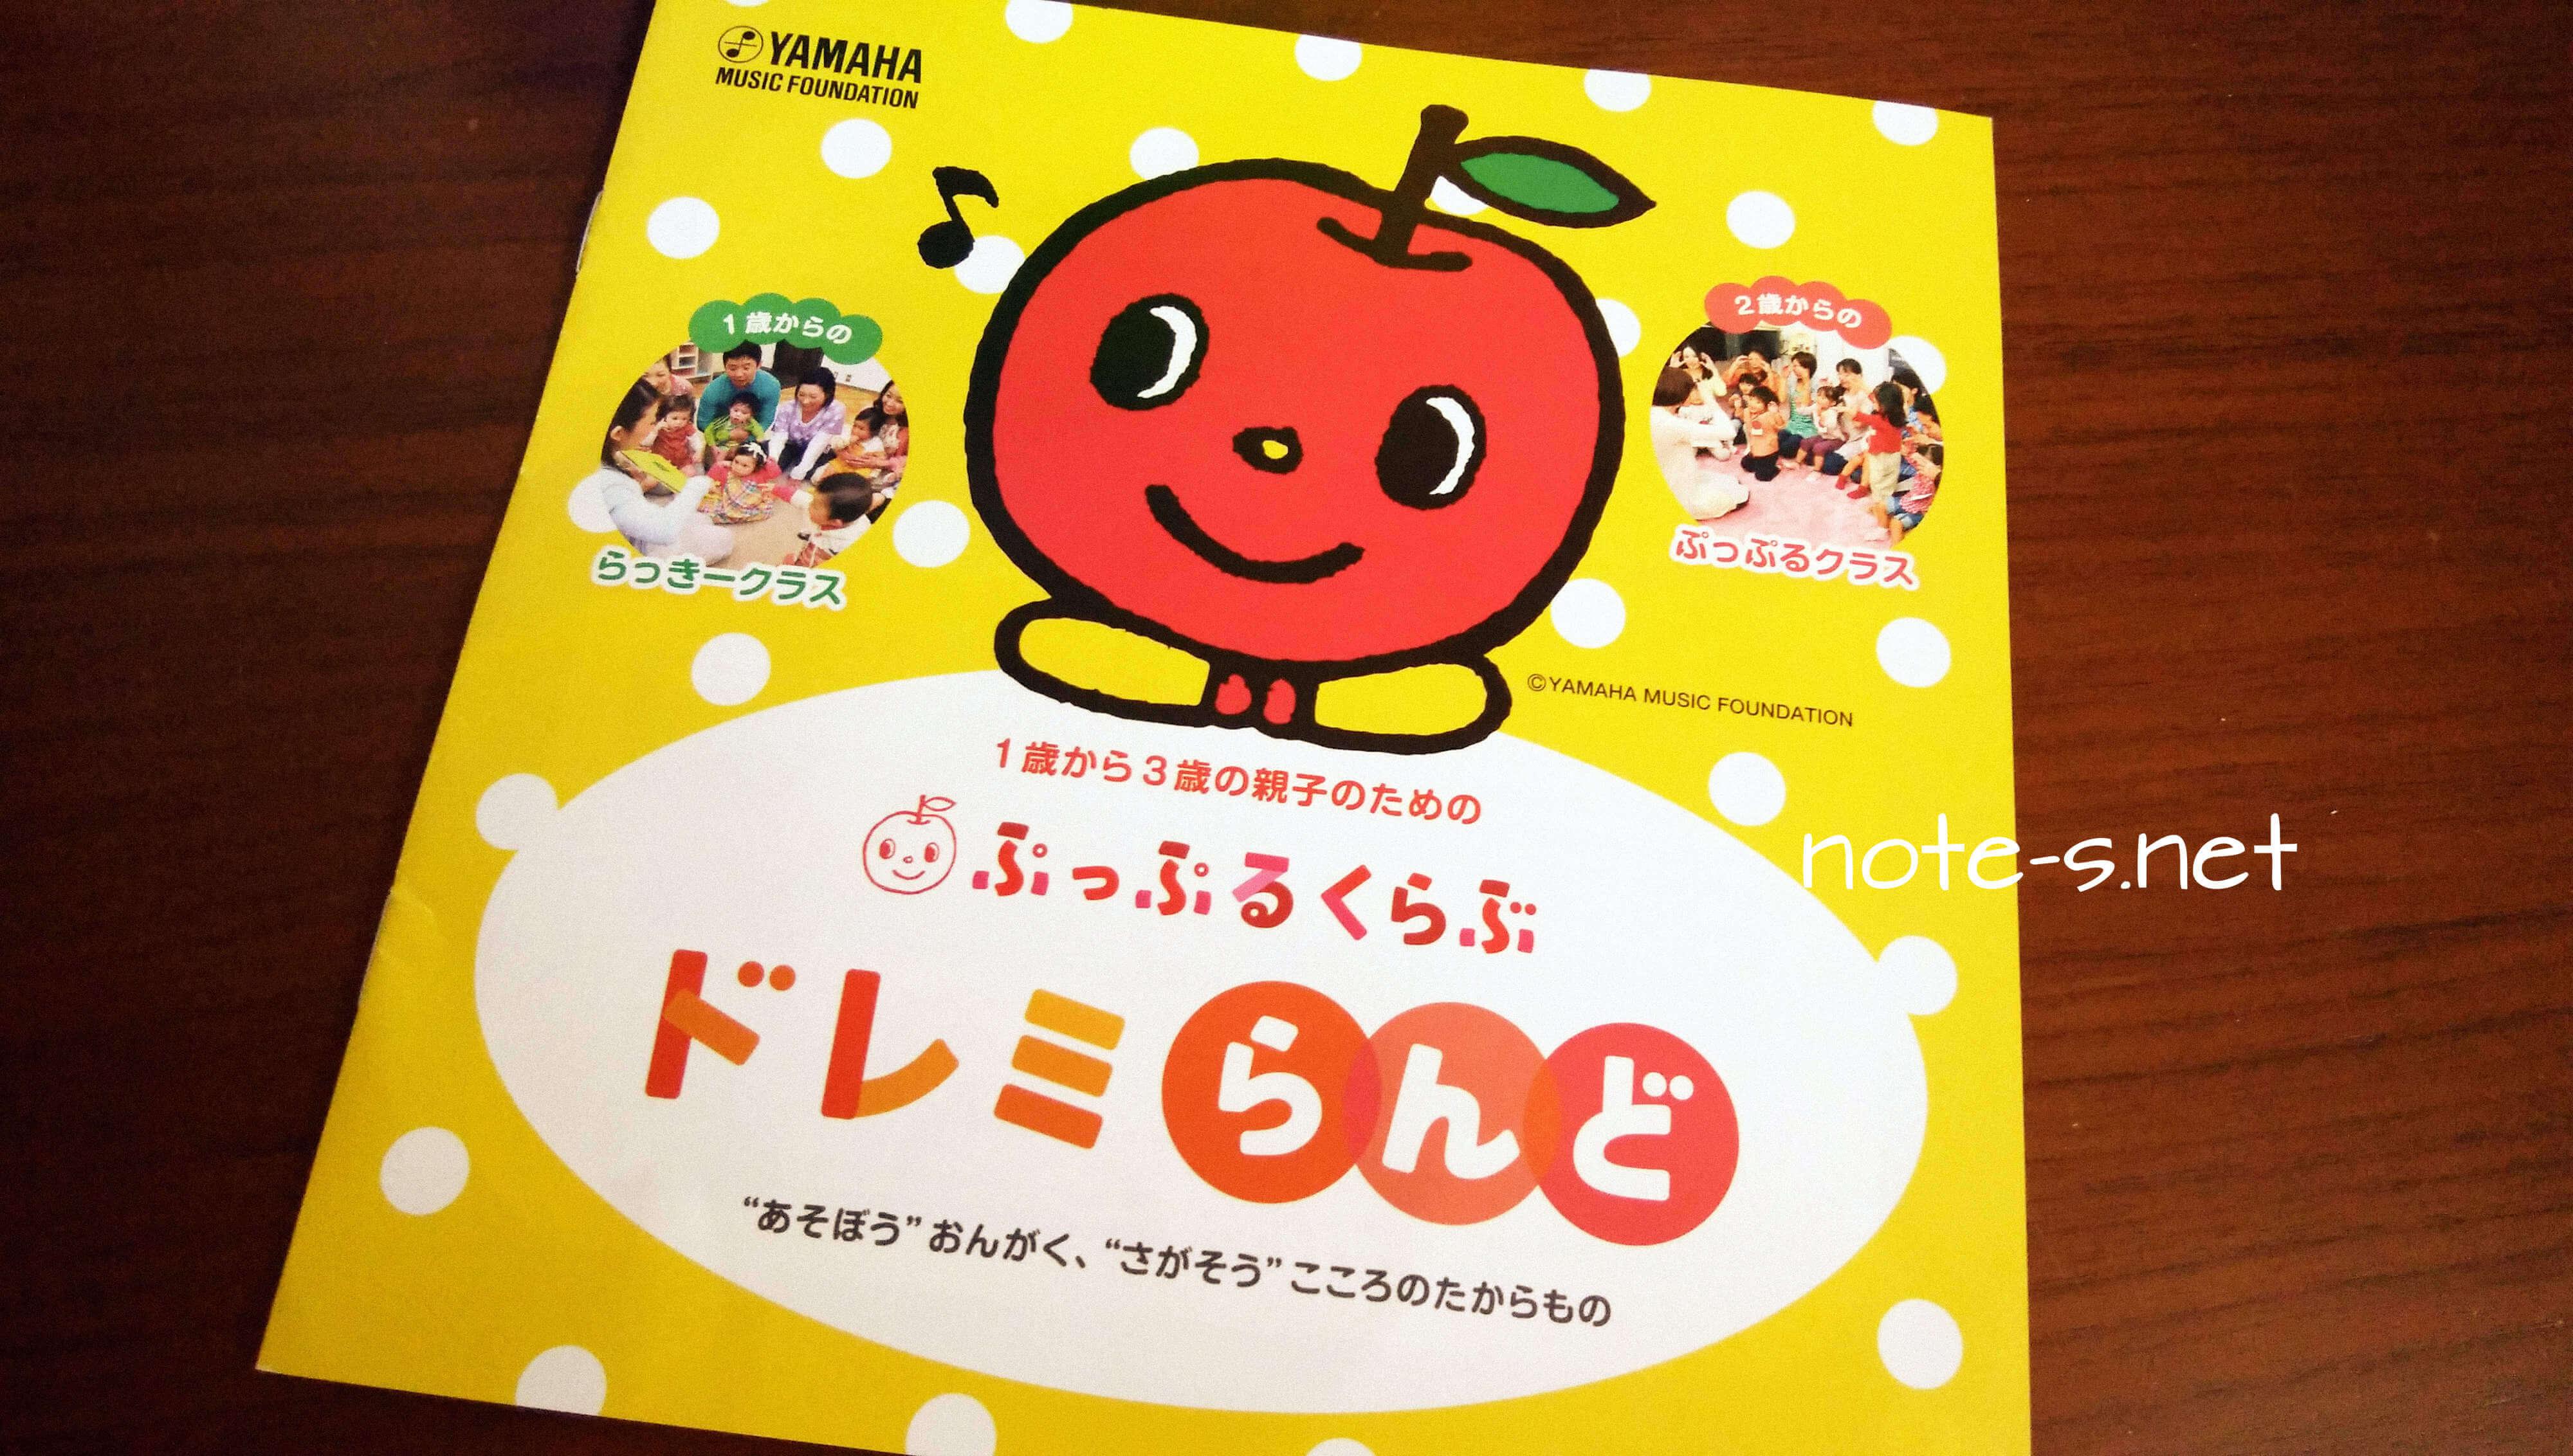 ヤマハらっきークラス(1歳~2歳)口コミ:音楽教室・習い事の感想